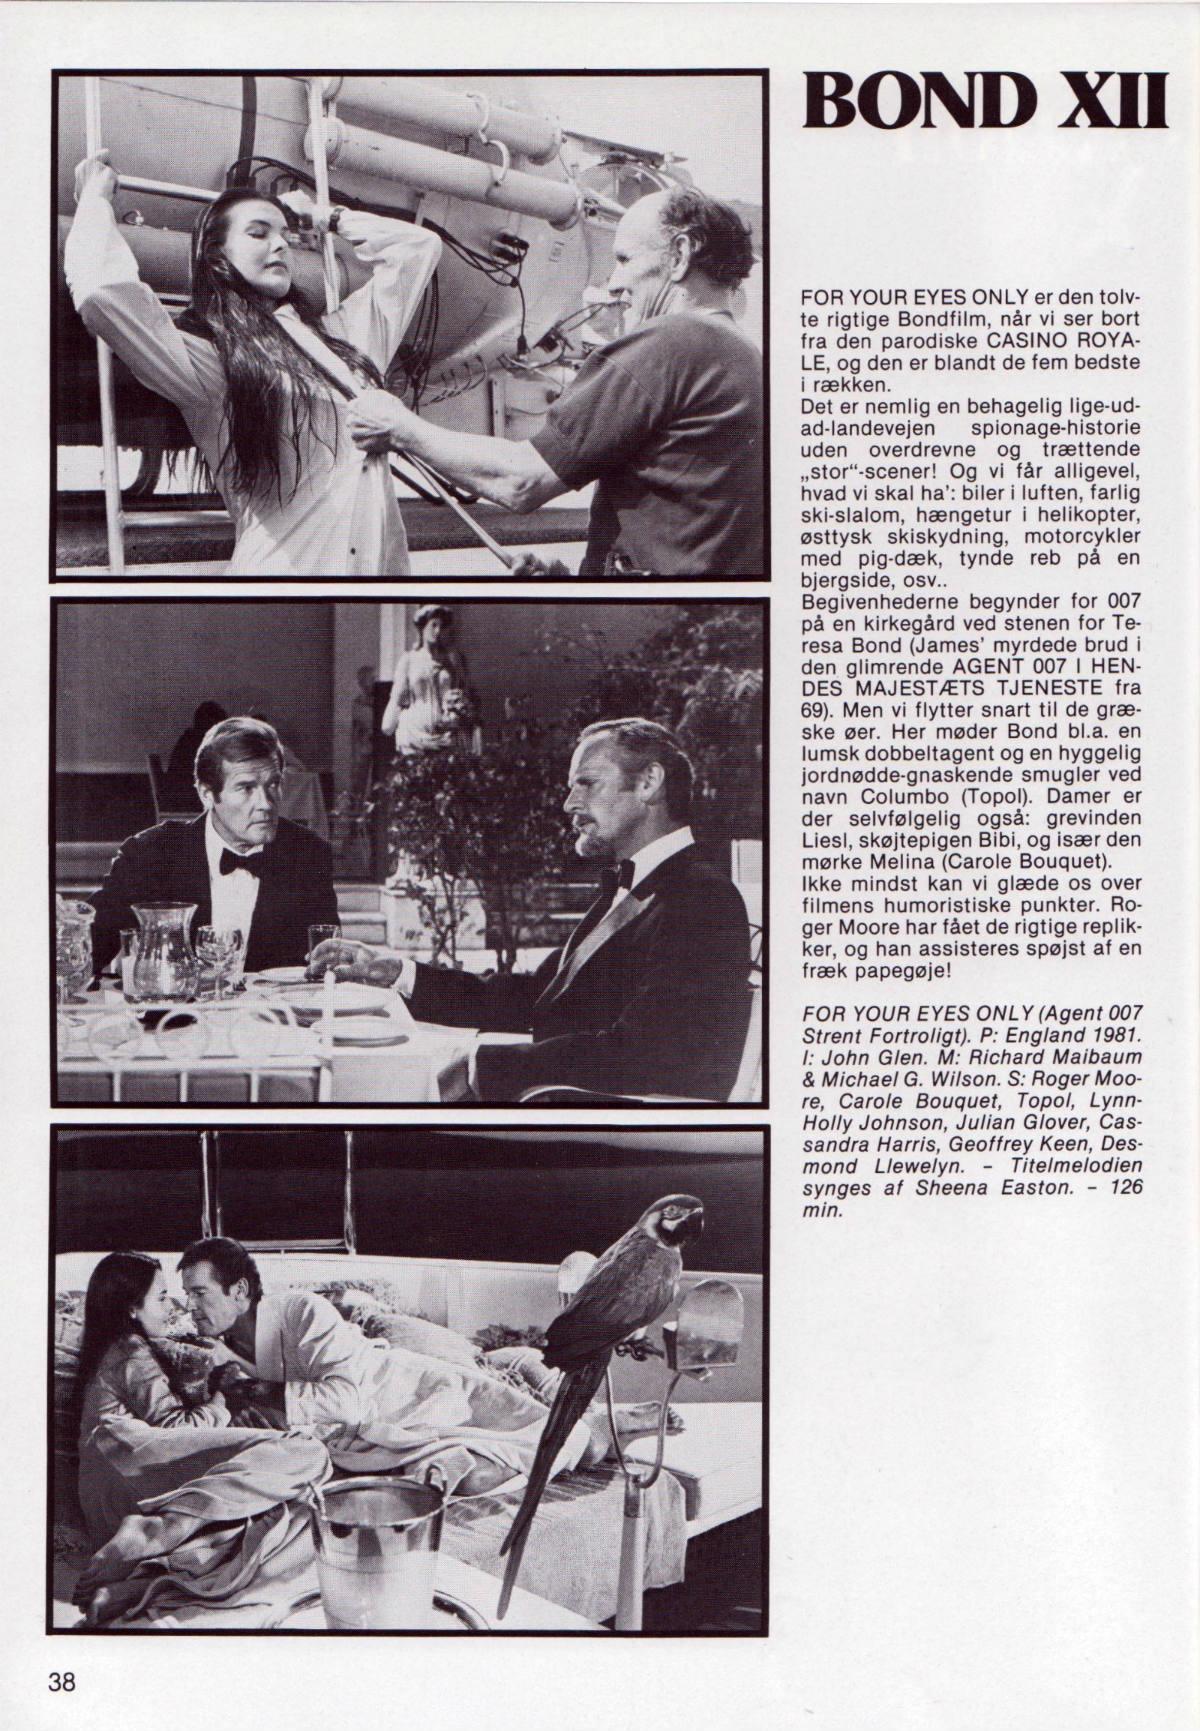 FYEO Filmaarbogen 81 side 38